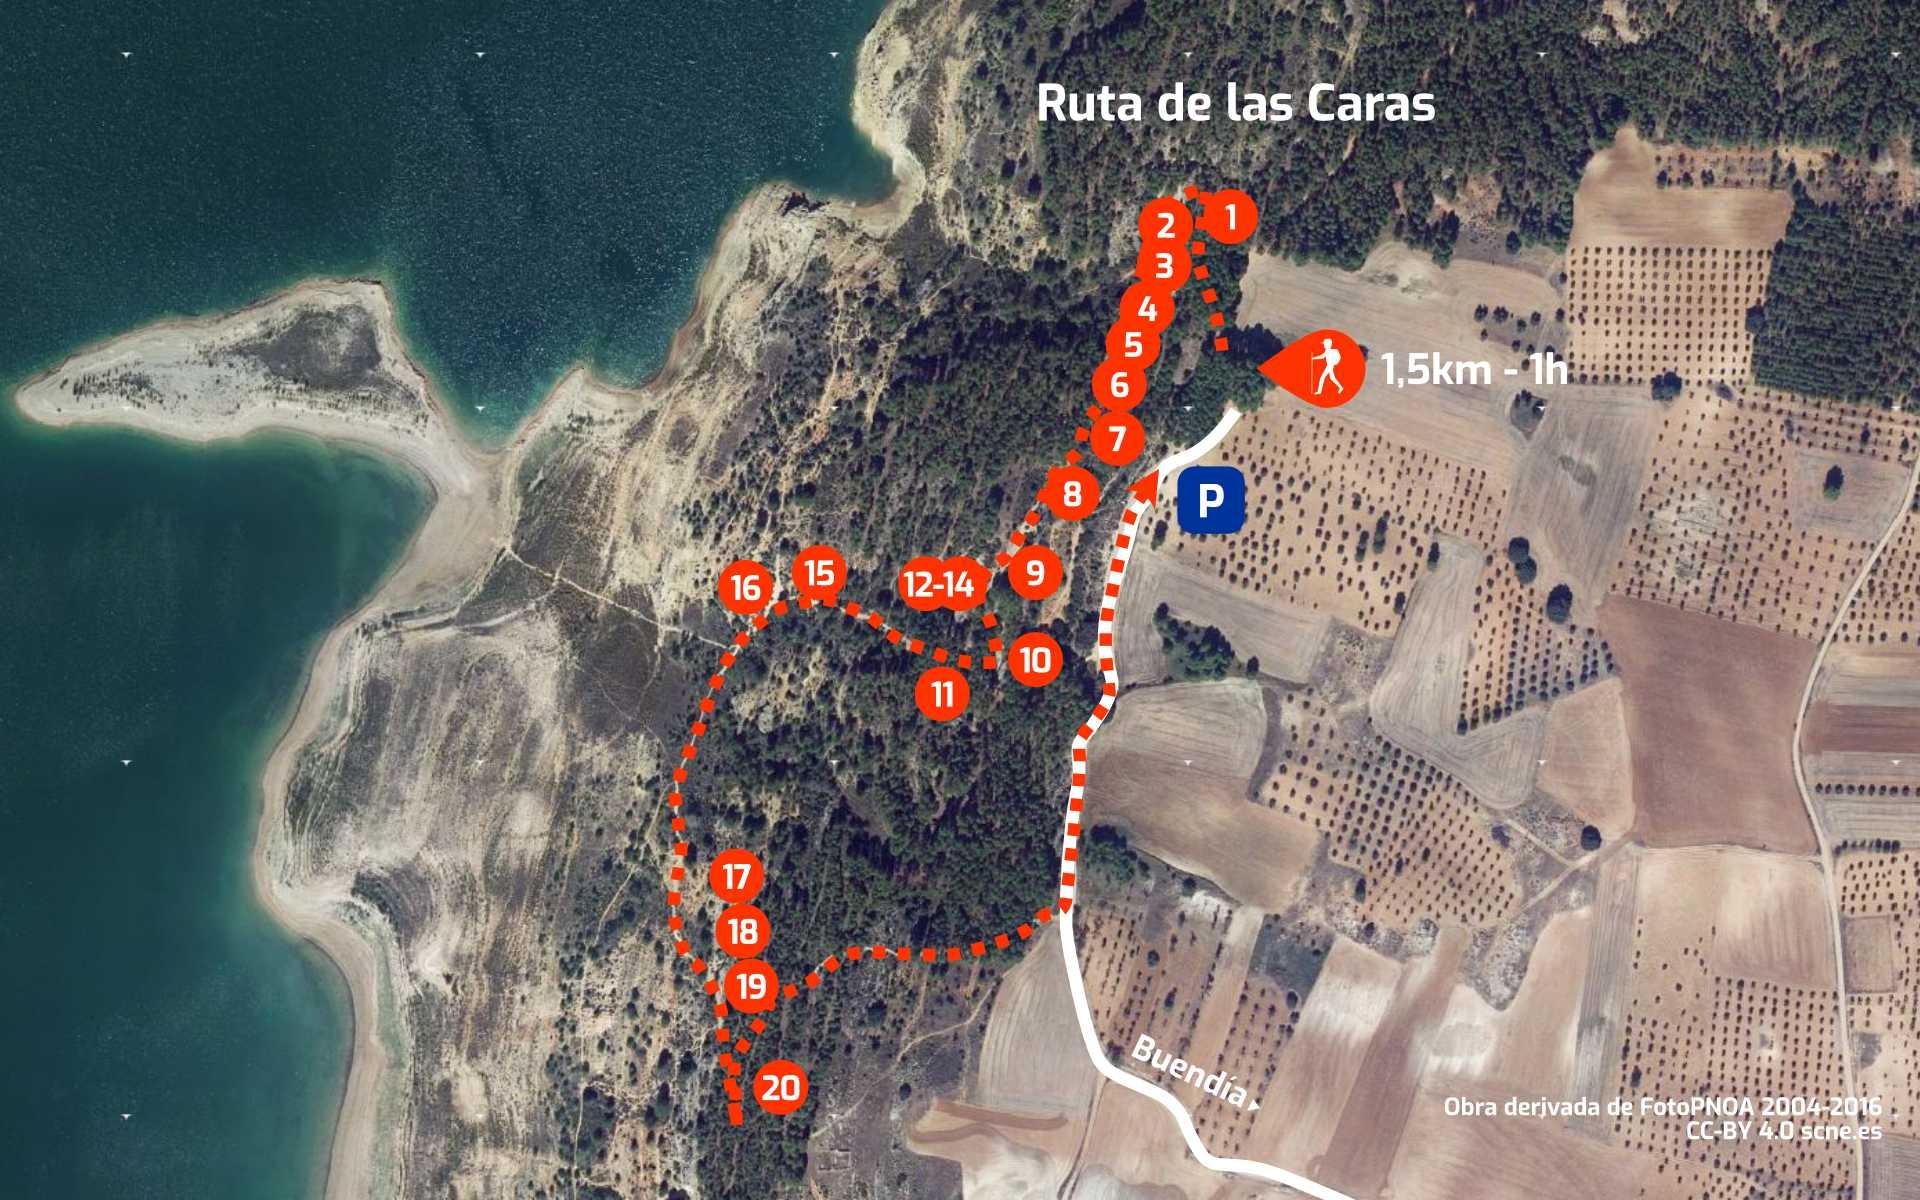 Mapa del recorrido de la Ruta de las Caras, en Buendía, Cuenca, Castilla La Mancha.